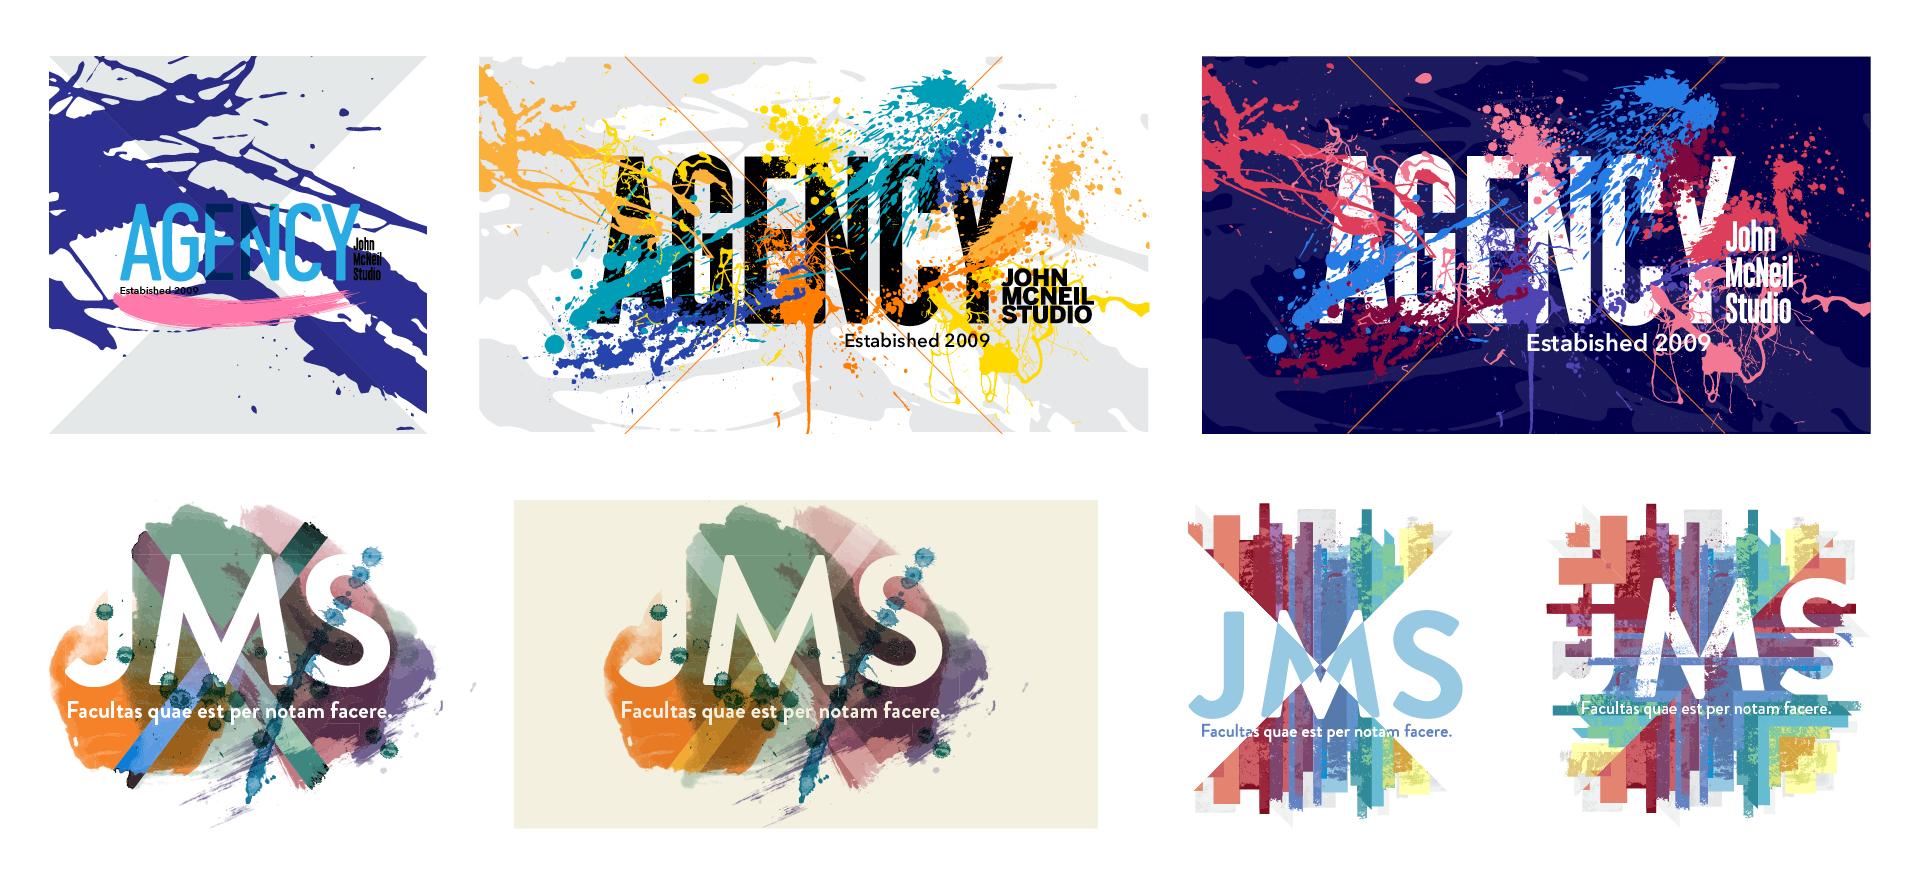 JMS_Mural_Portfolio_Pages_v1